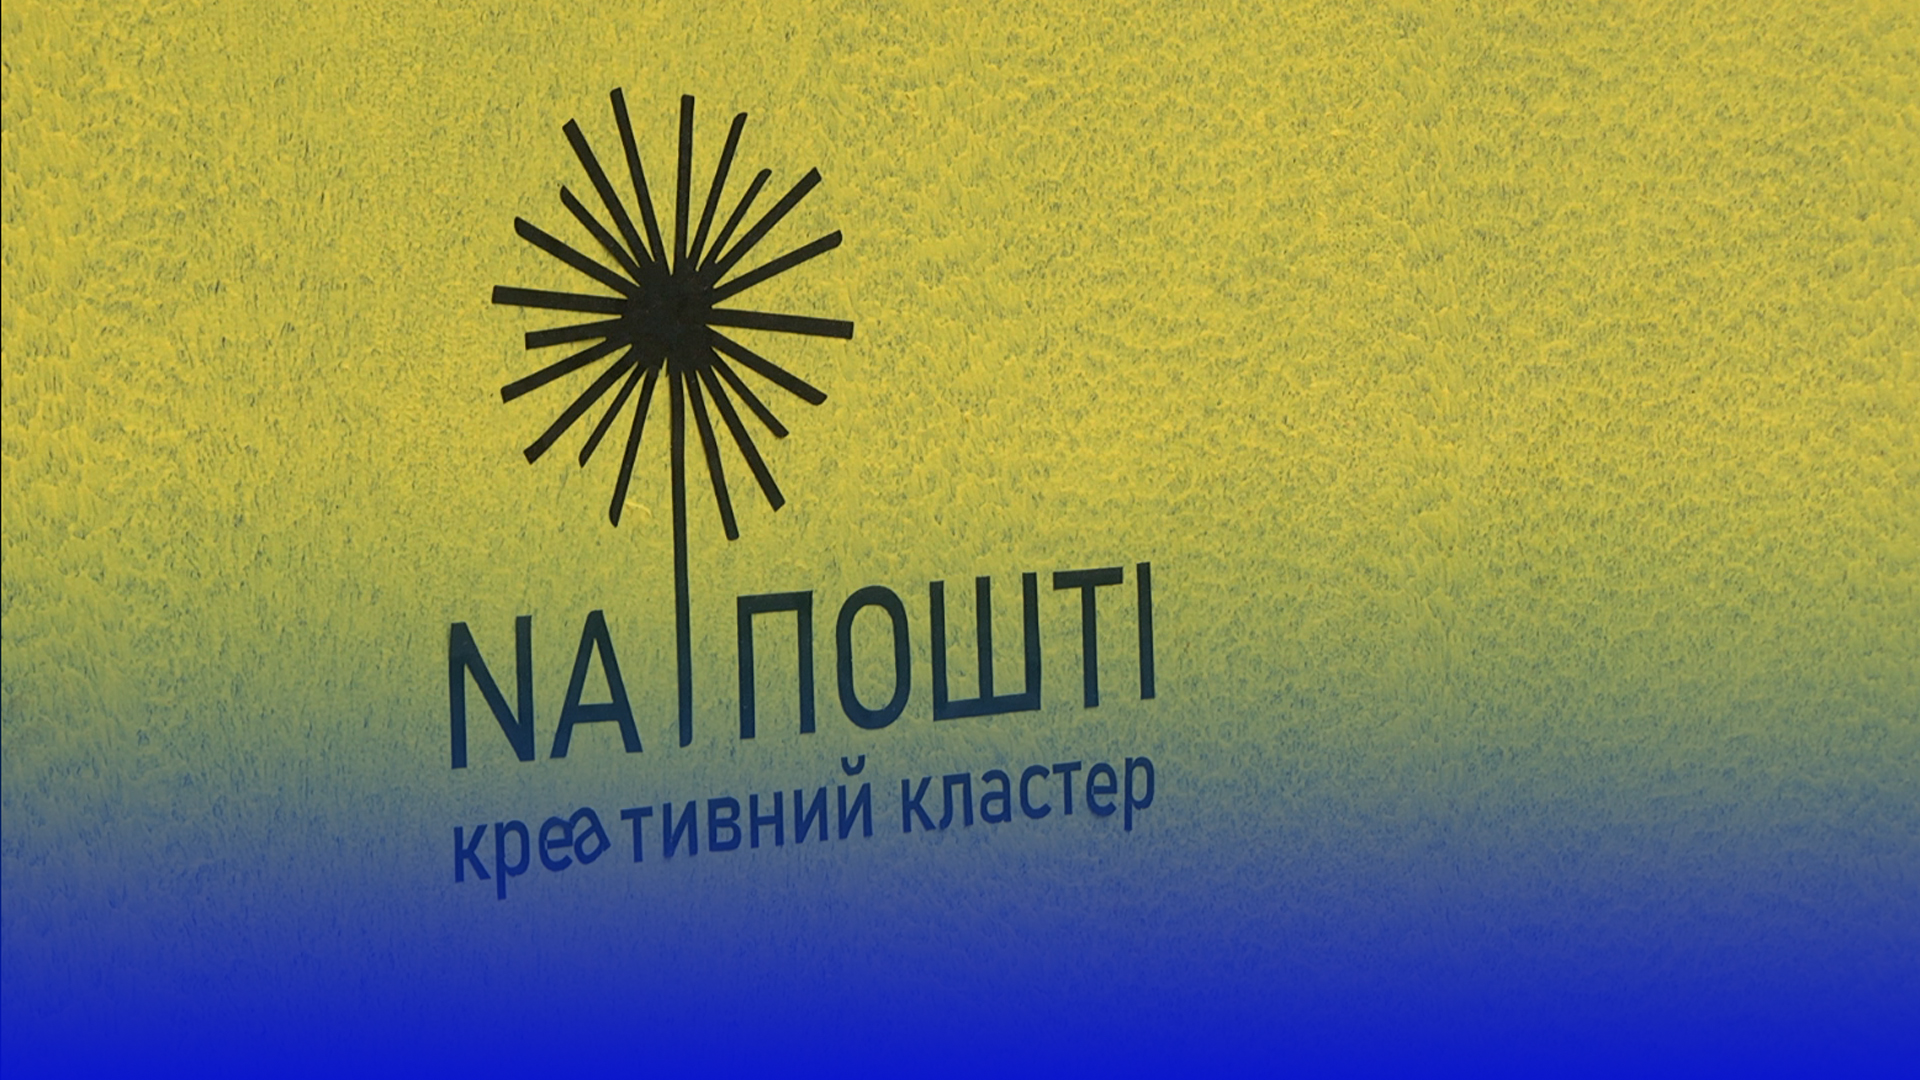 """У Тернополі створюють галерею сучасного мистецтва """"Na пошті"""""""